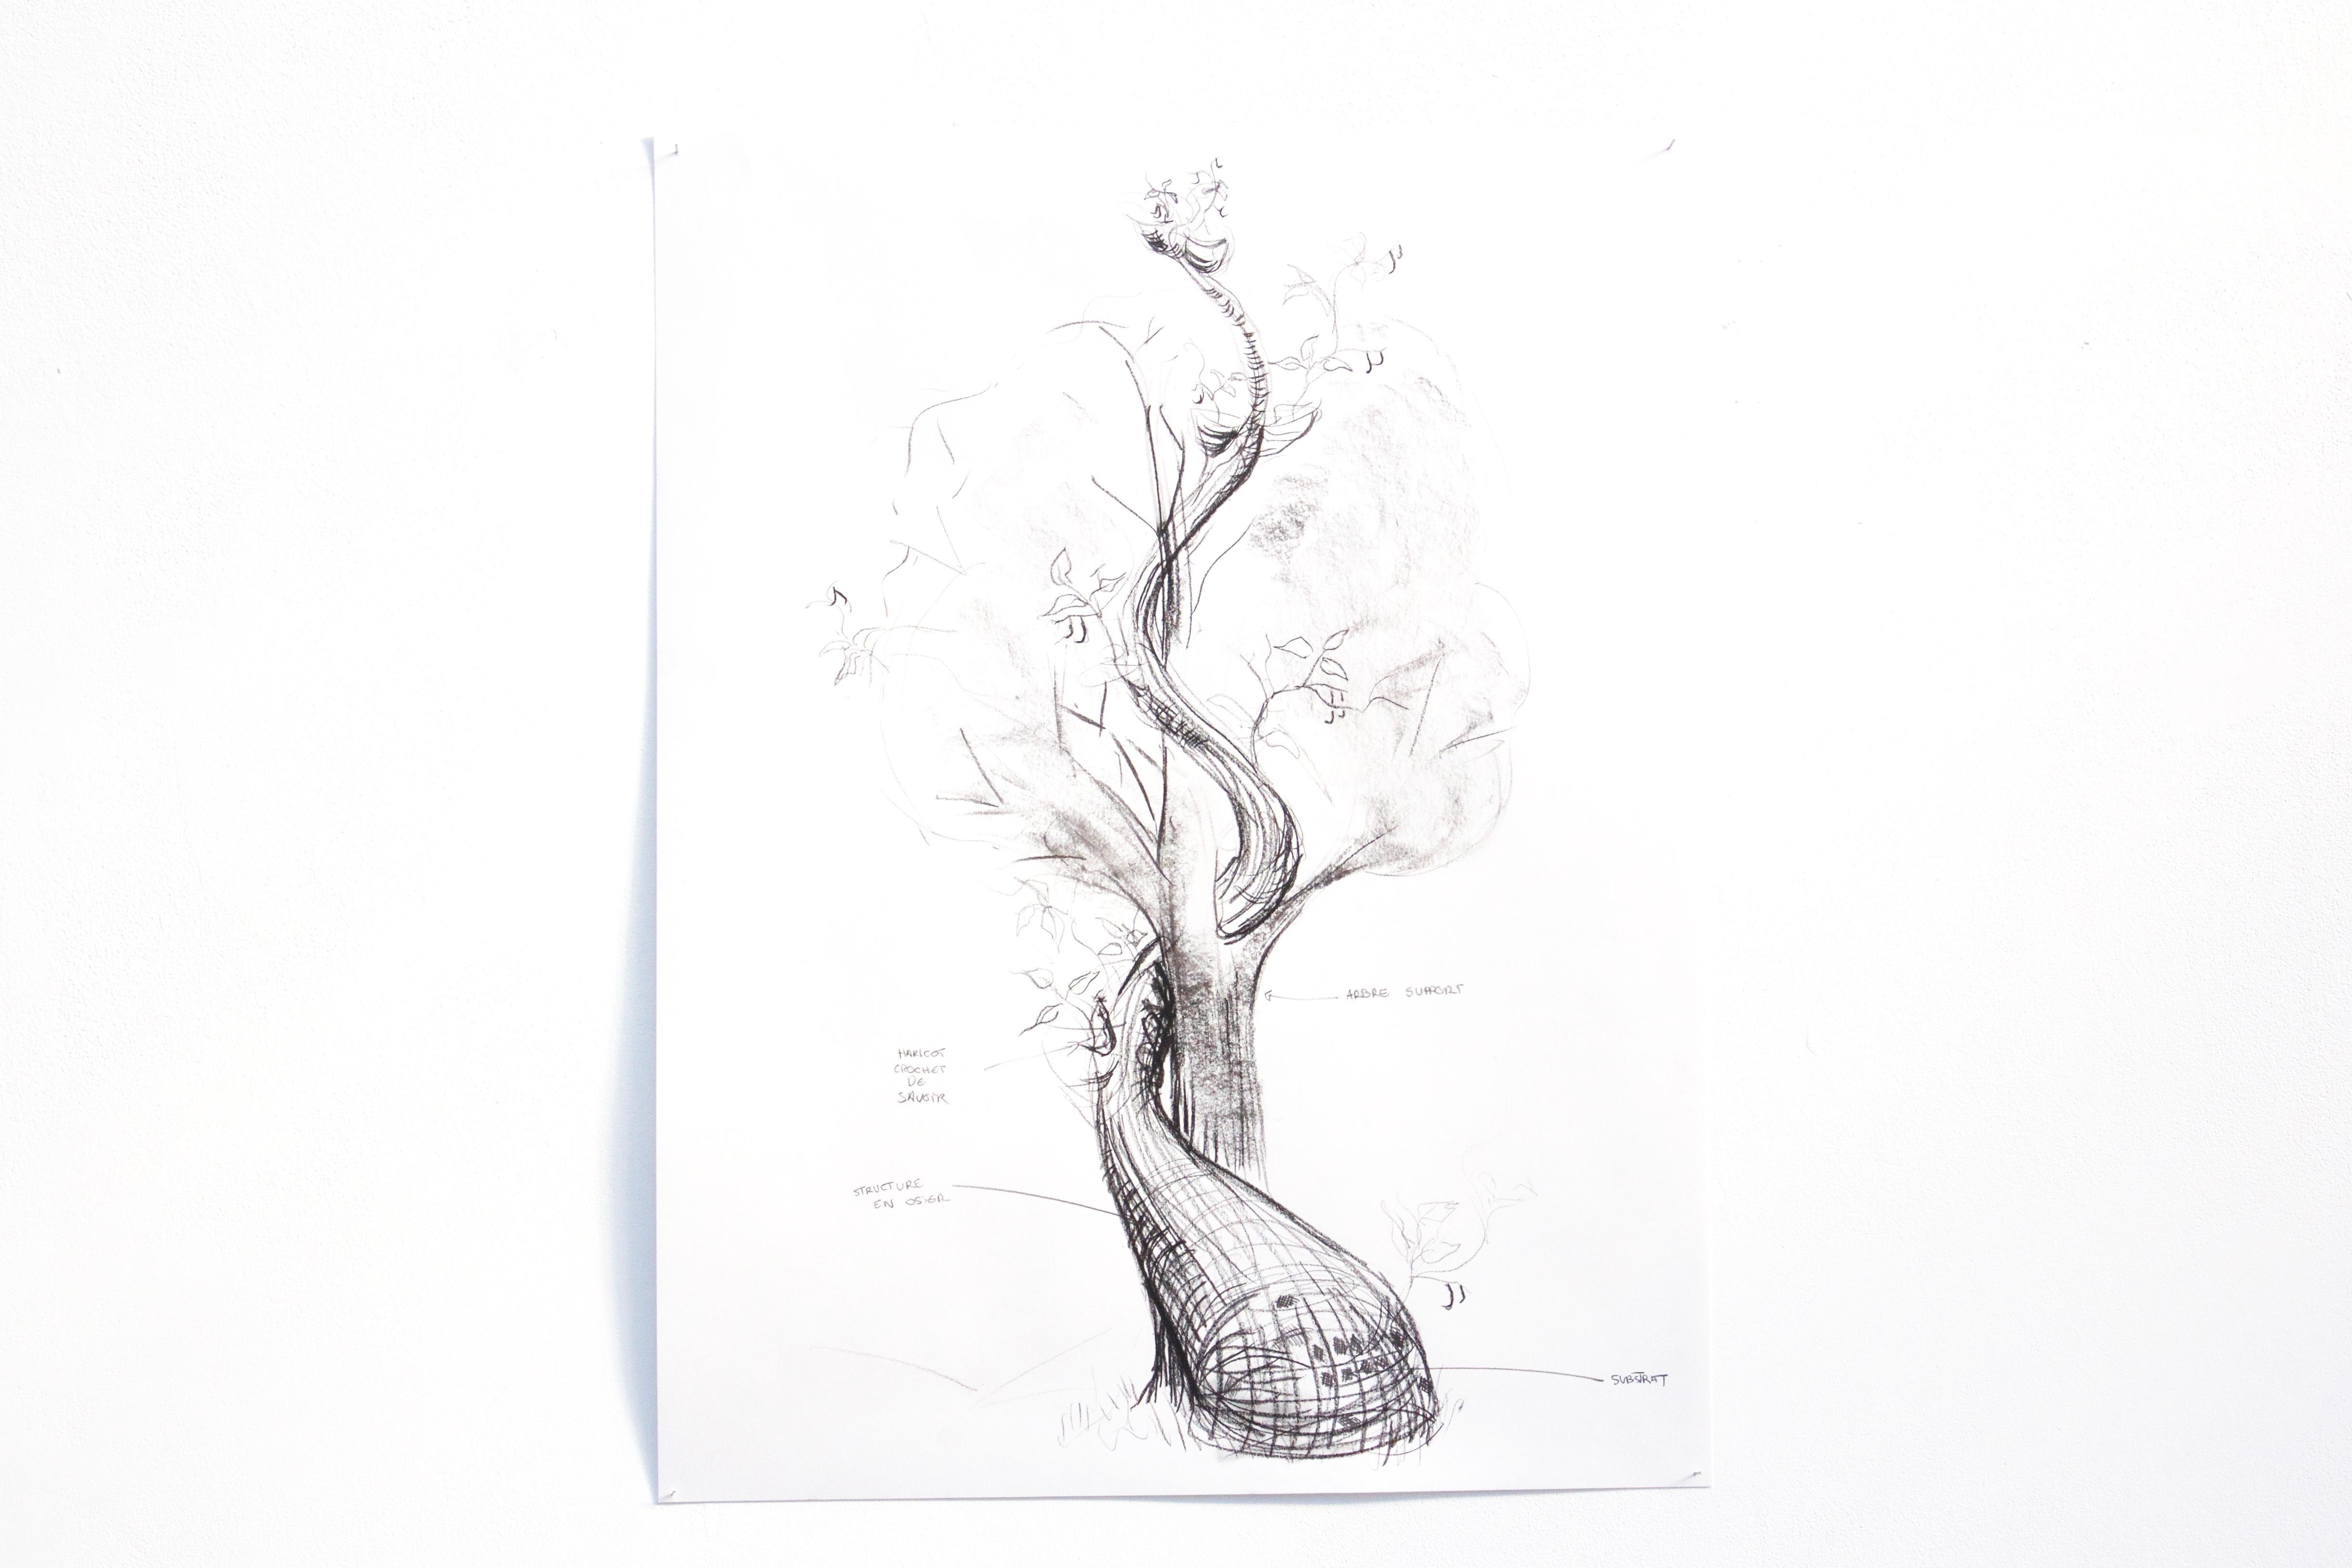 Haricot magique en compagnie d'un arbre, Dessin au fusain, Thierry Boutonnier, 2018